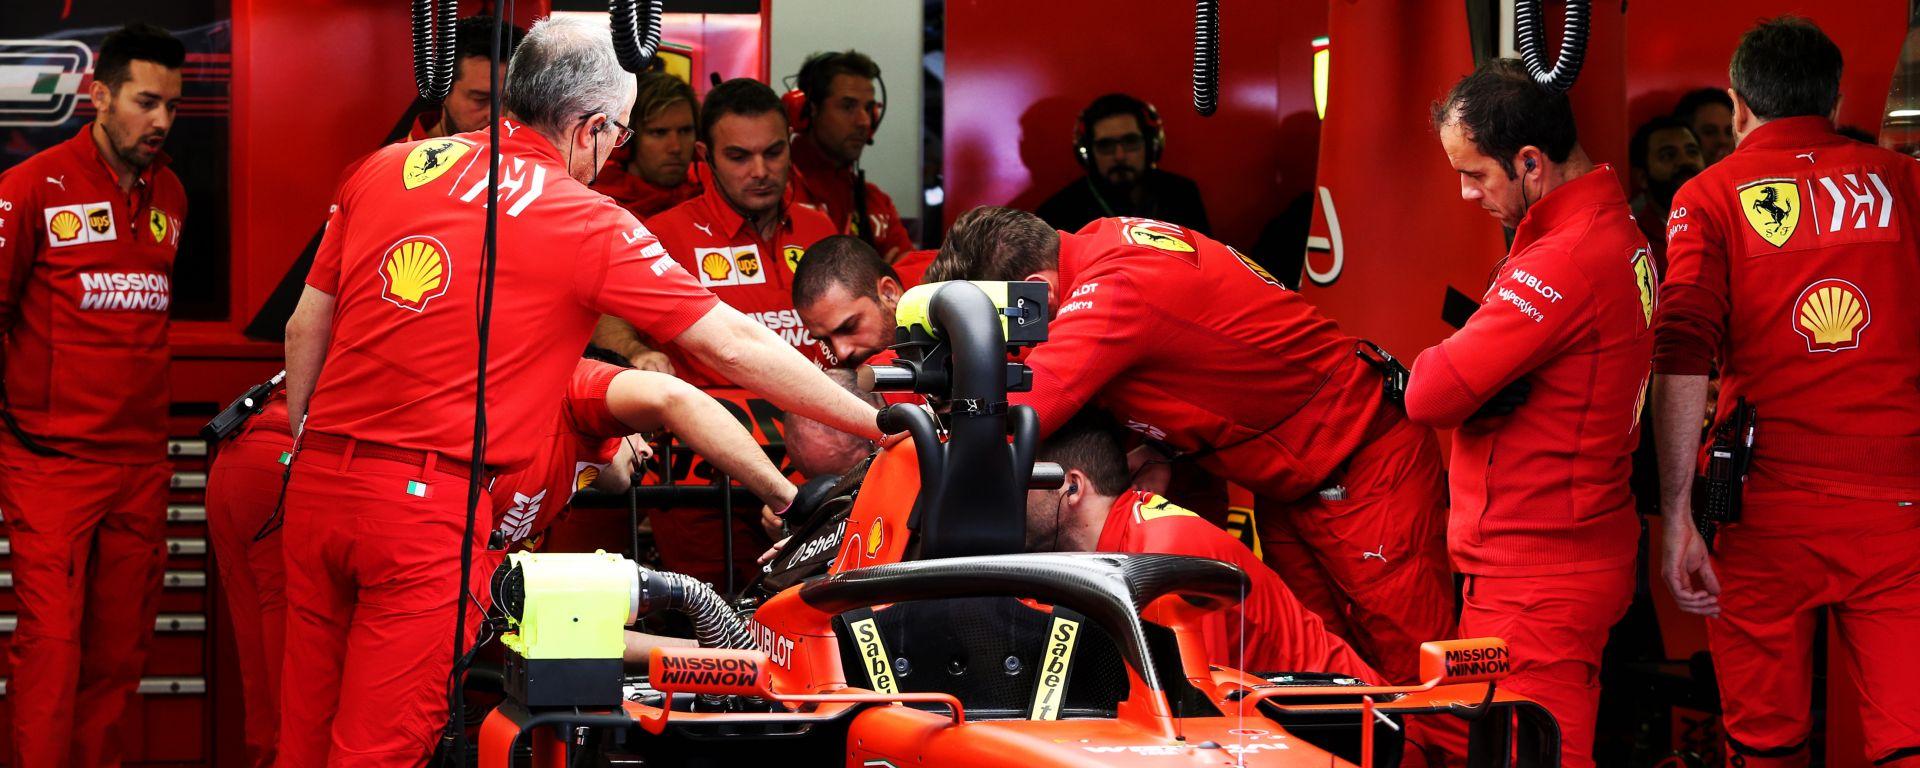 F1 2019, meccanici della Scuderia Ferrari al lavoro sul retrotreno della macchina